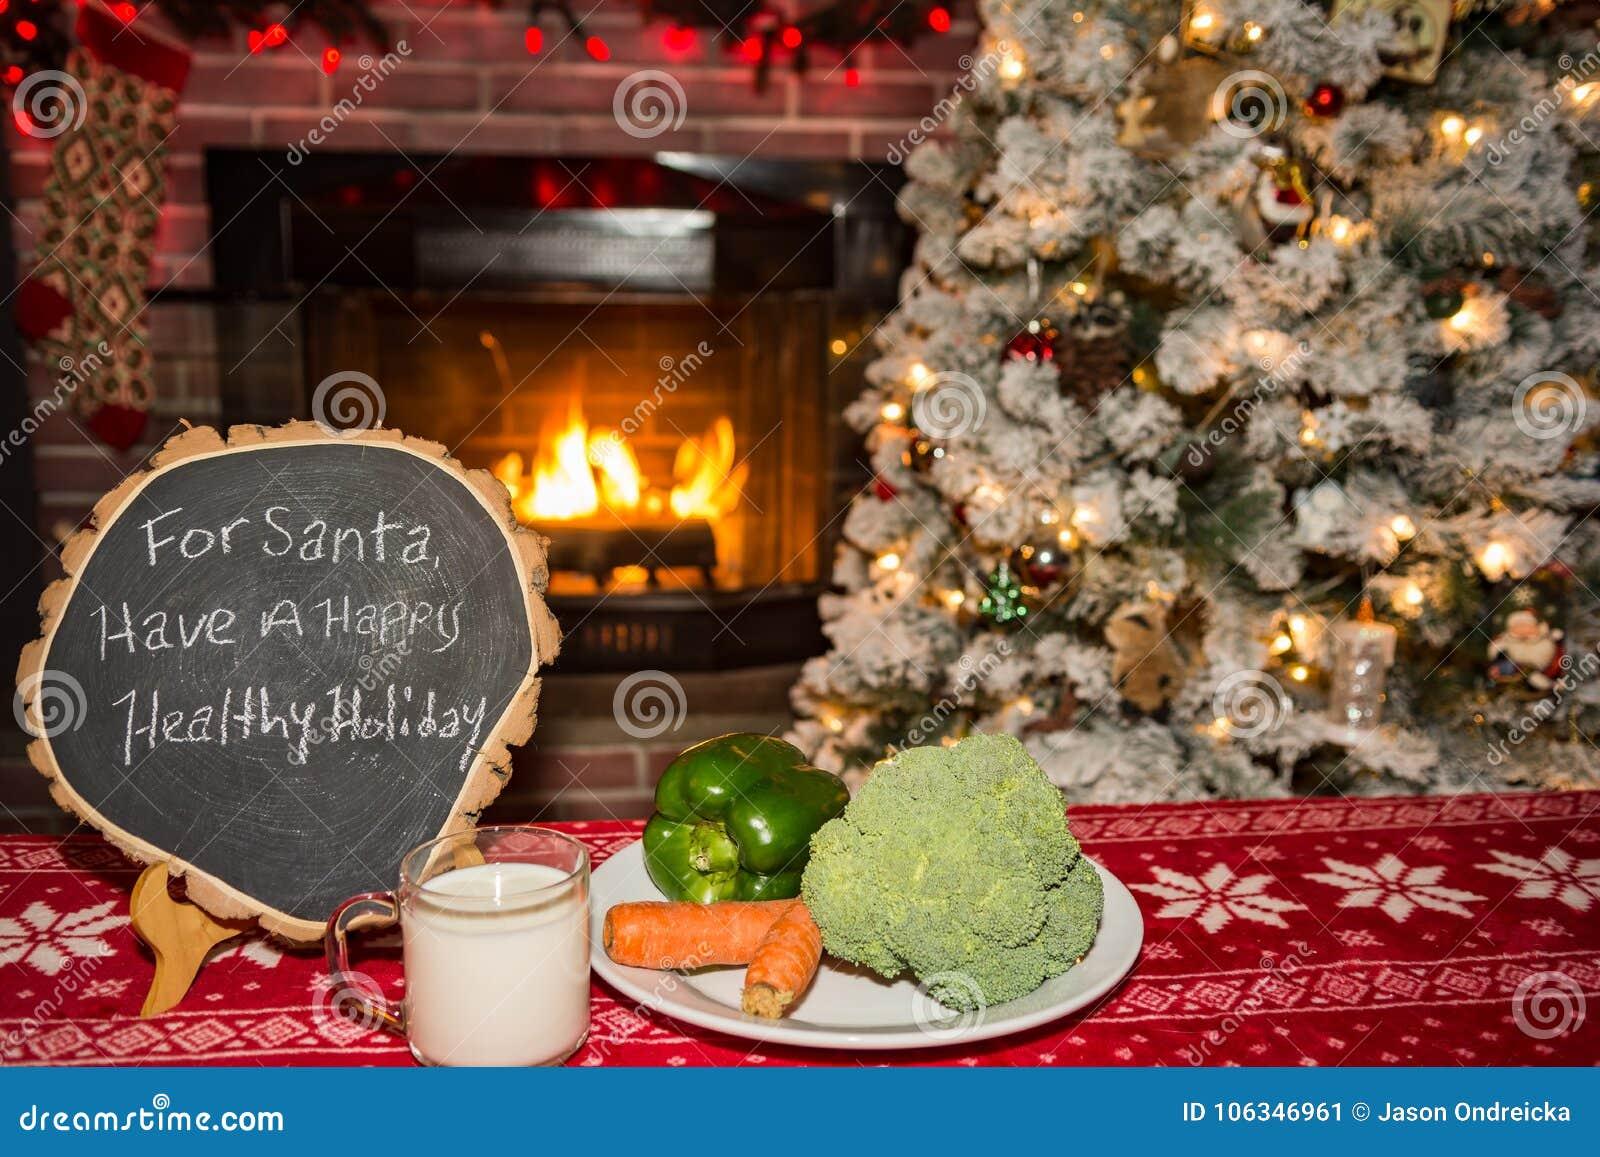 Zdrowa przekąska dla Santa